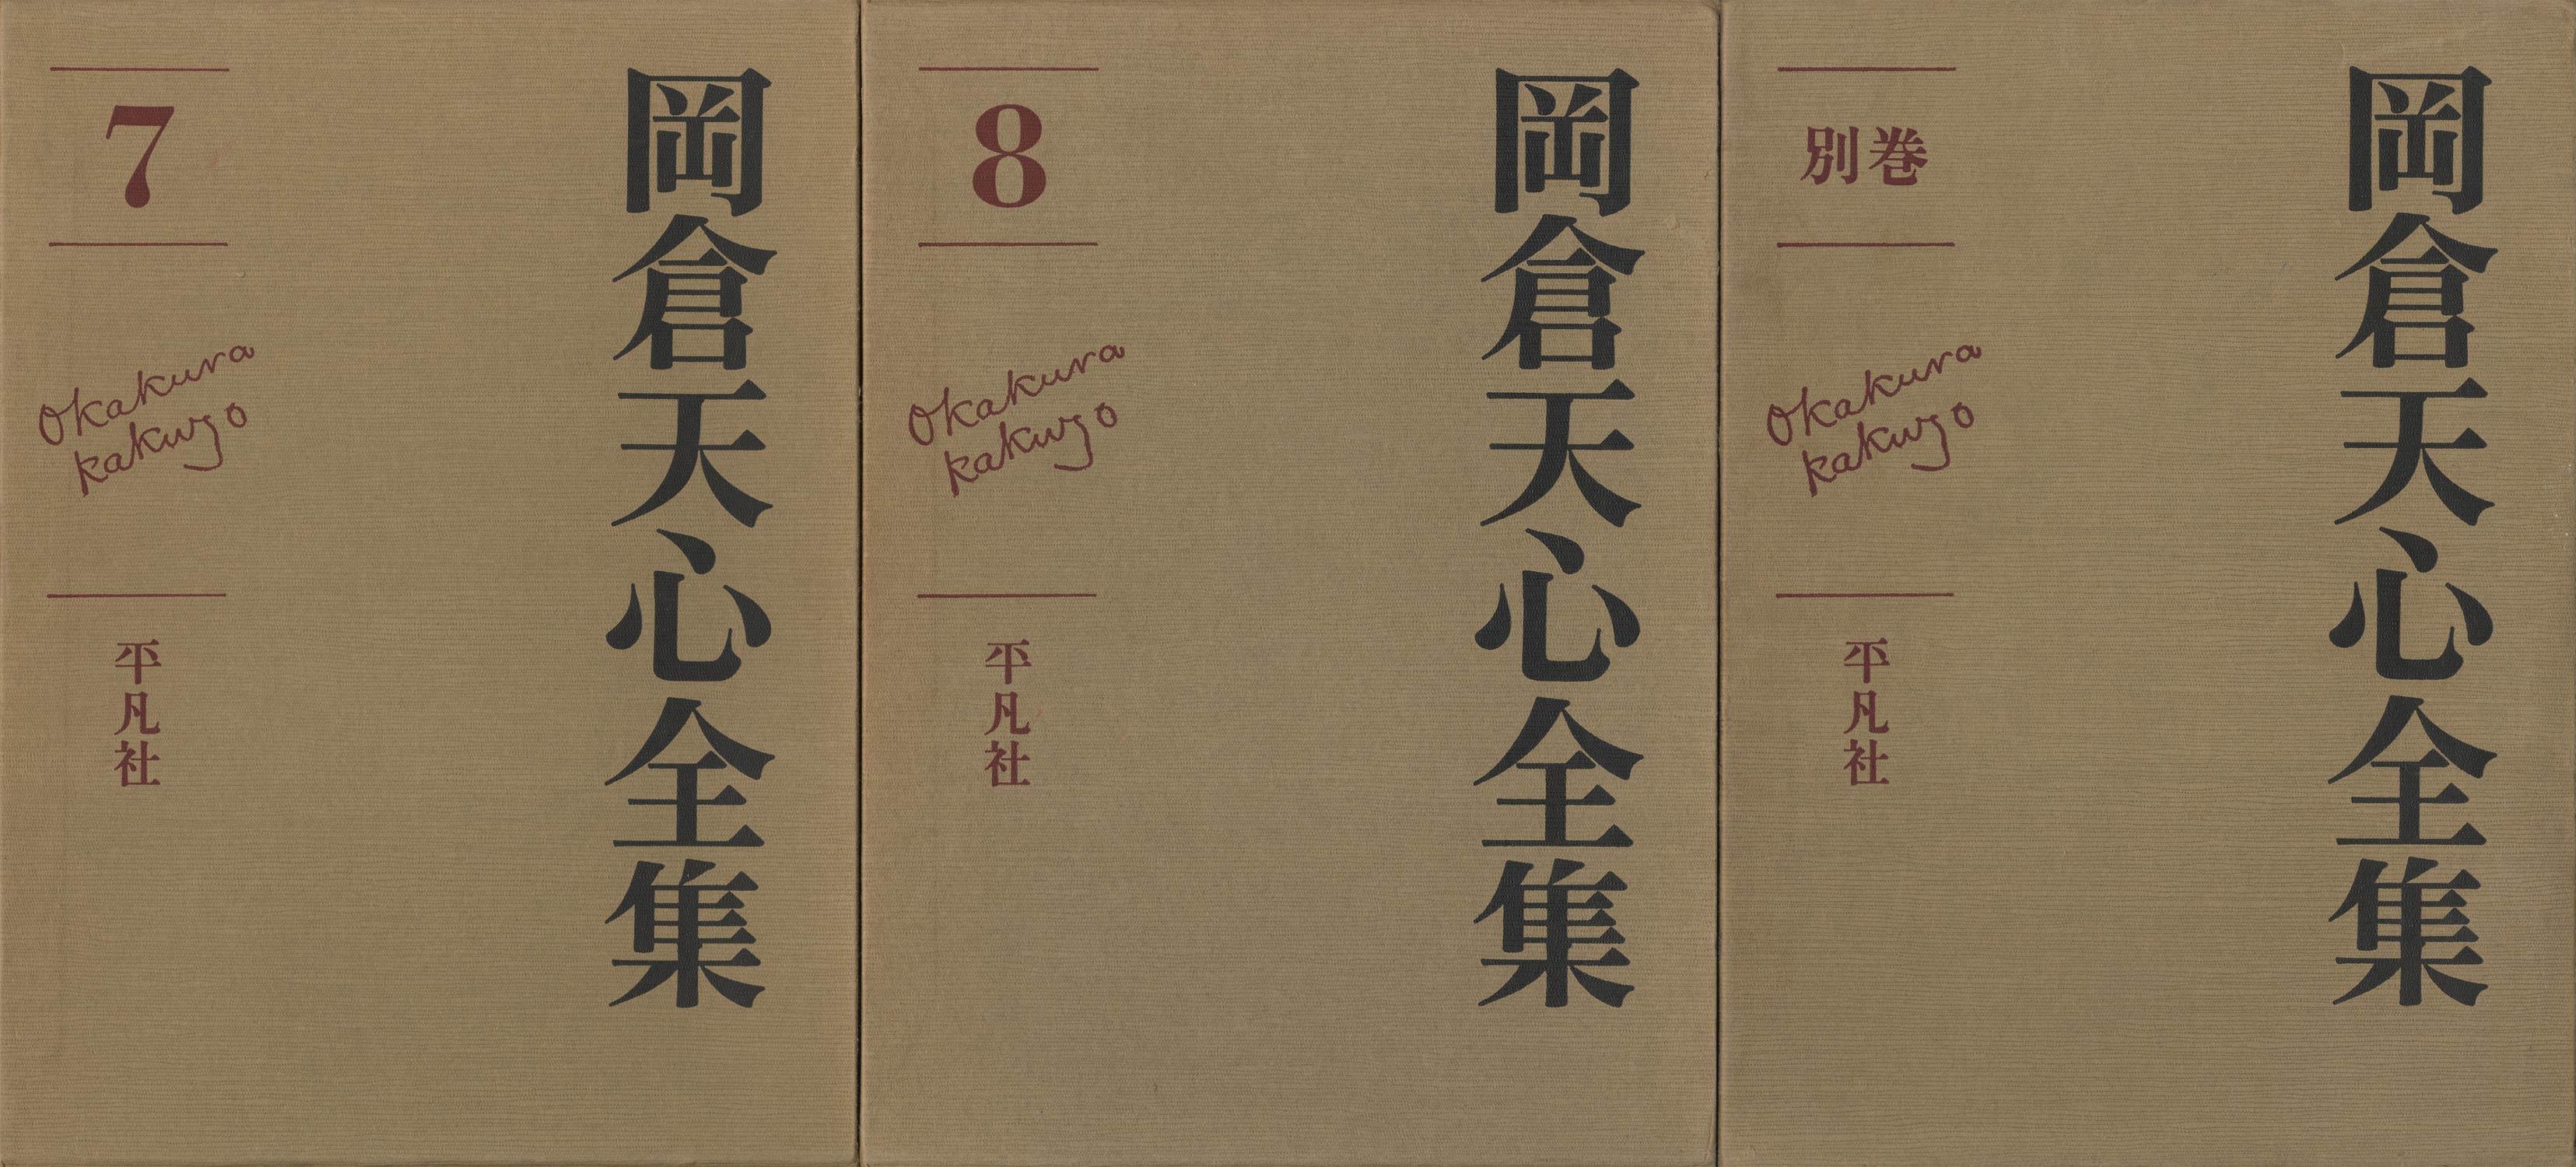 岡倉天心全集 全9冊(8巻+別巻)[image5]